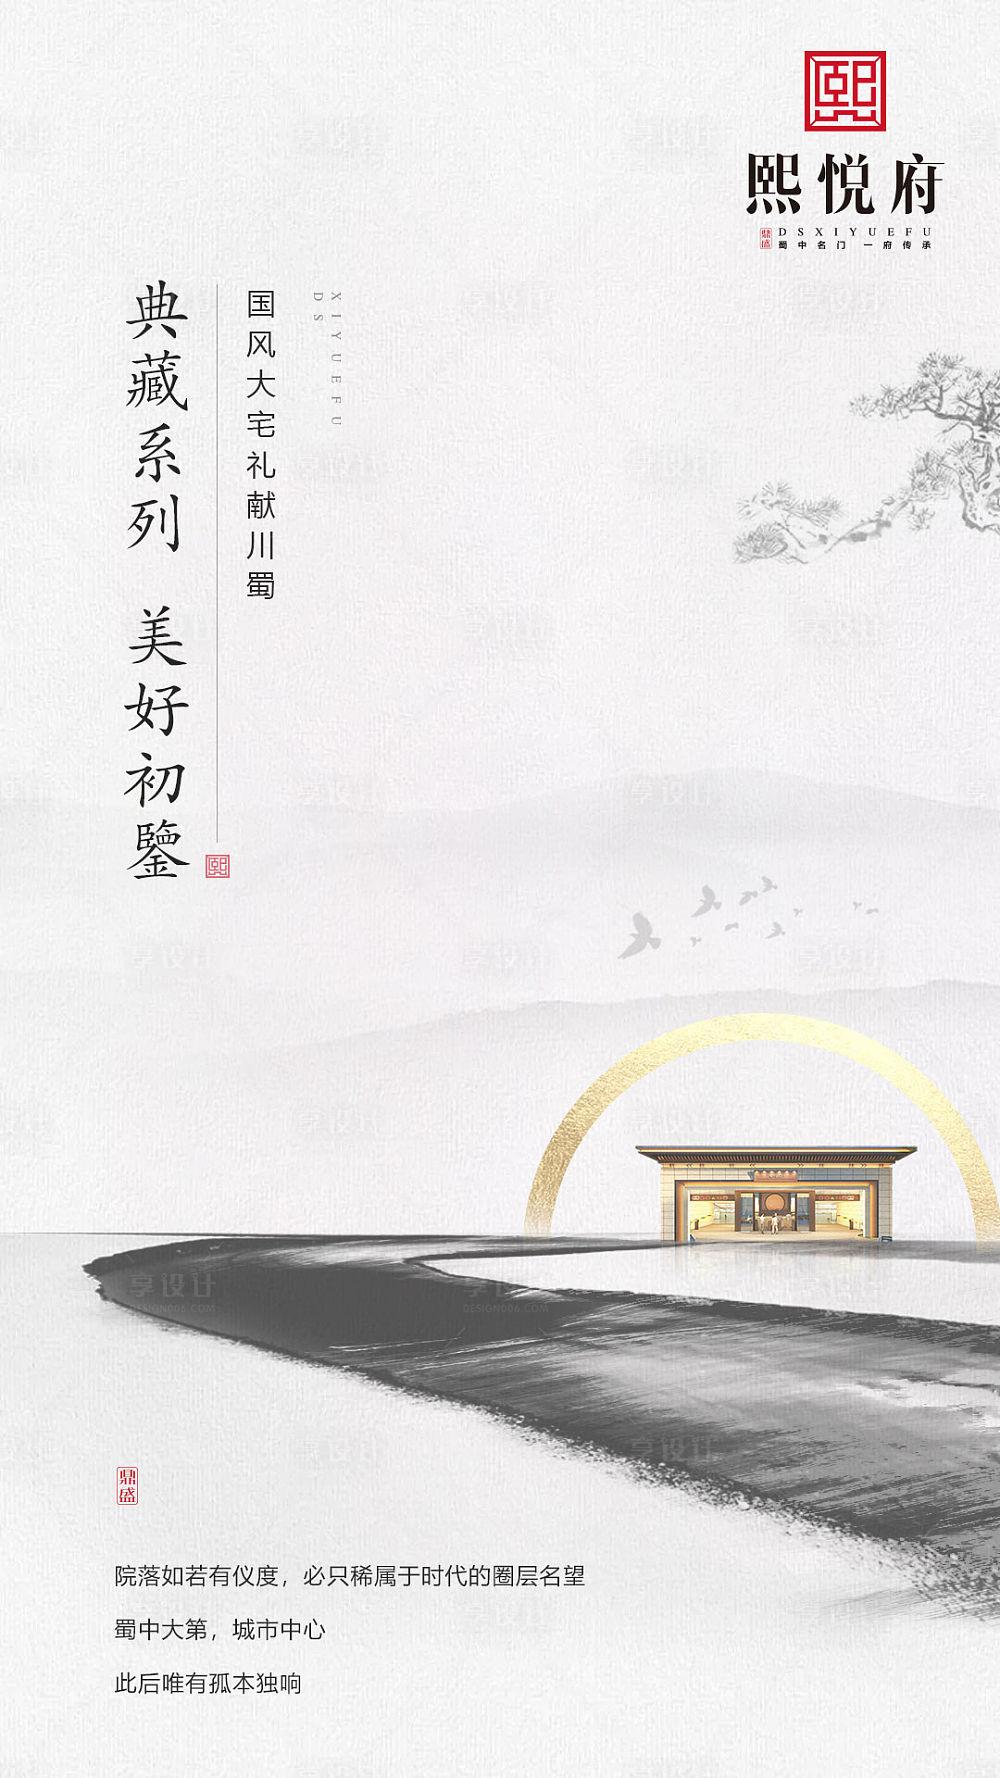 【源文件下载】 海报 房地产 大气 简约 中国风 水墨风